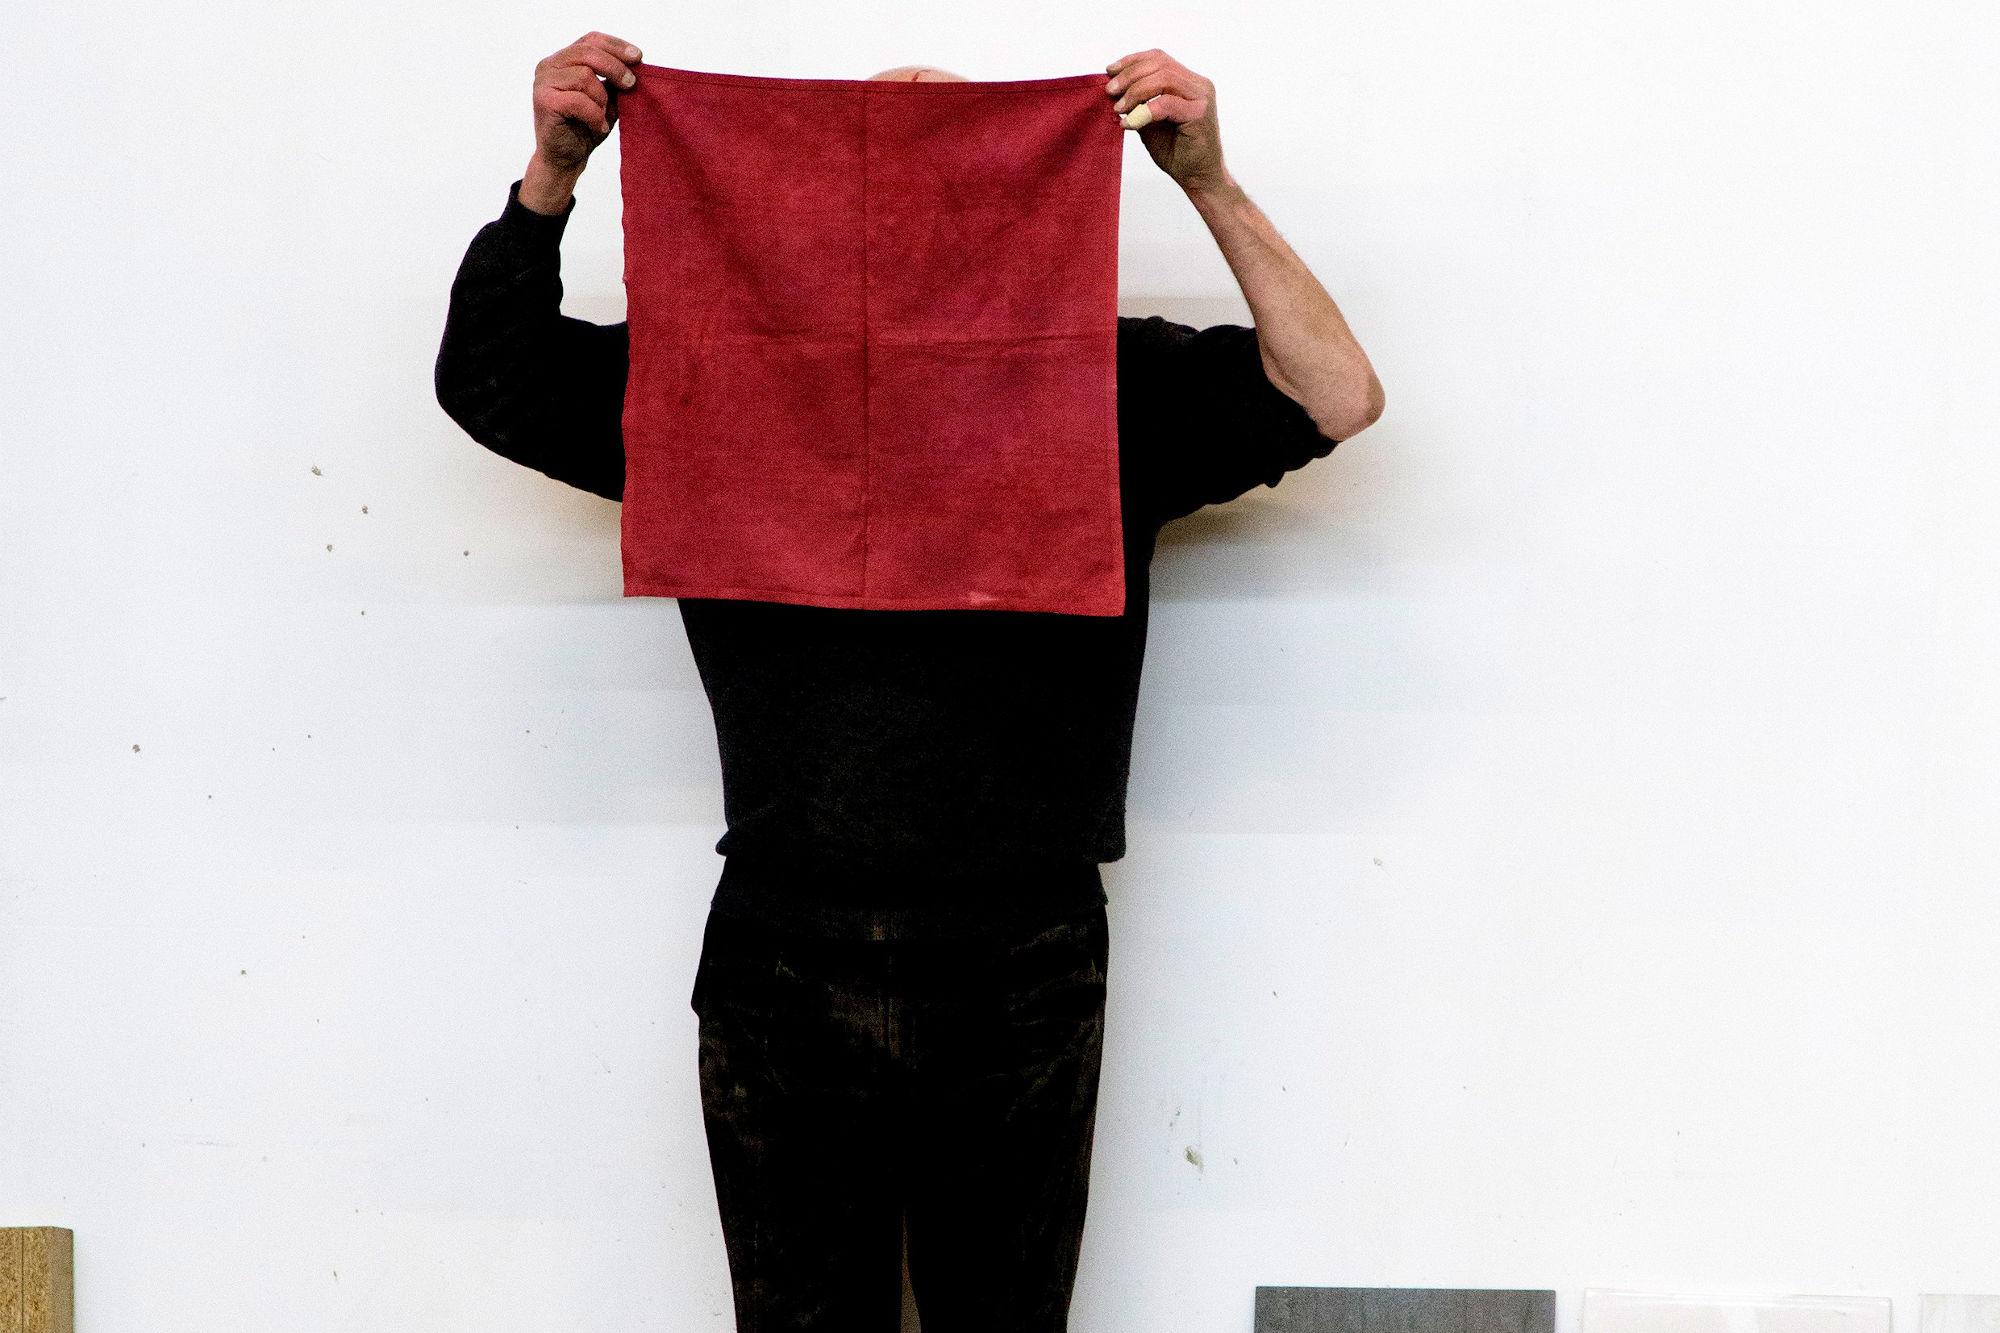 Boris Nieslony wird mit weiteren internationalen Künstlern verschiedene Performances im Museum Ratingen veranstalten. (Foto: Boris Nieslony)